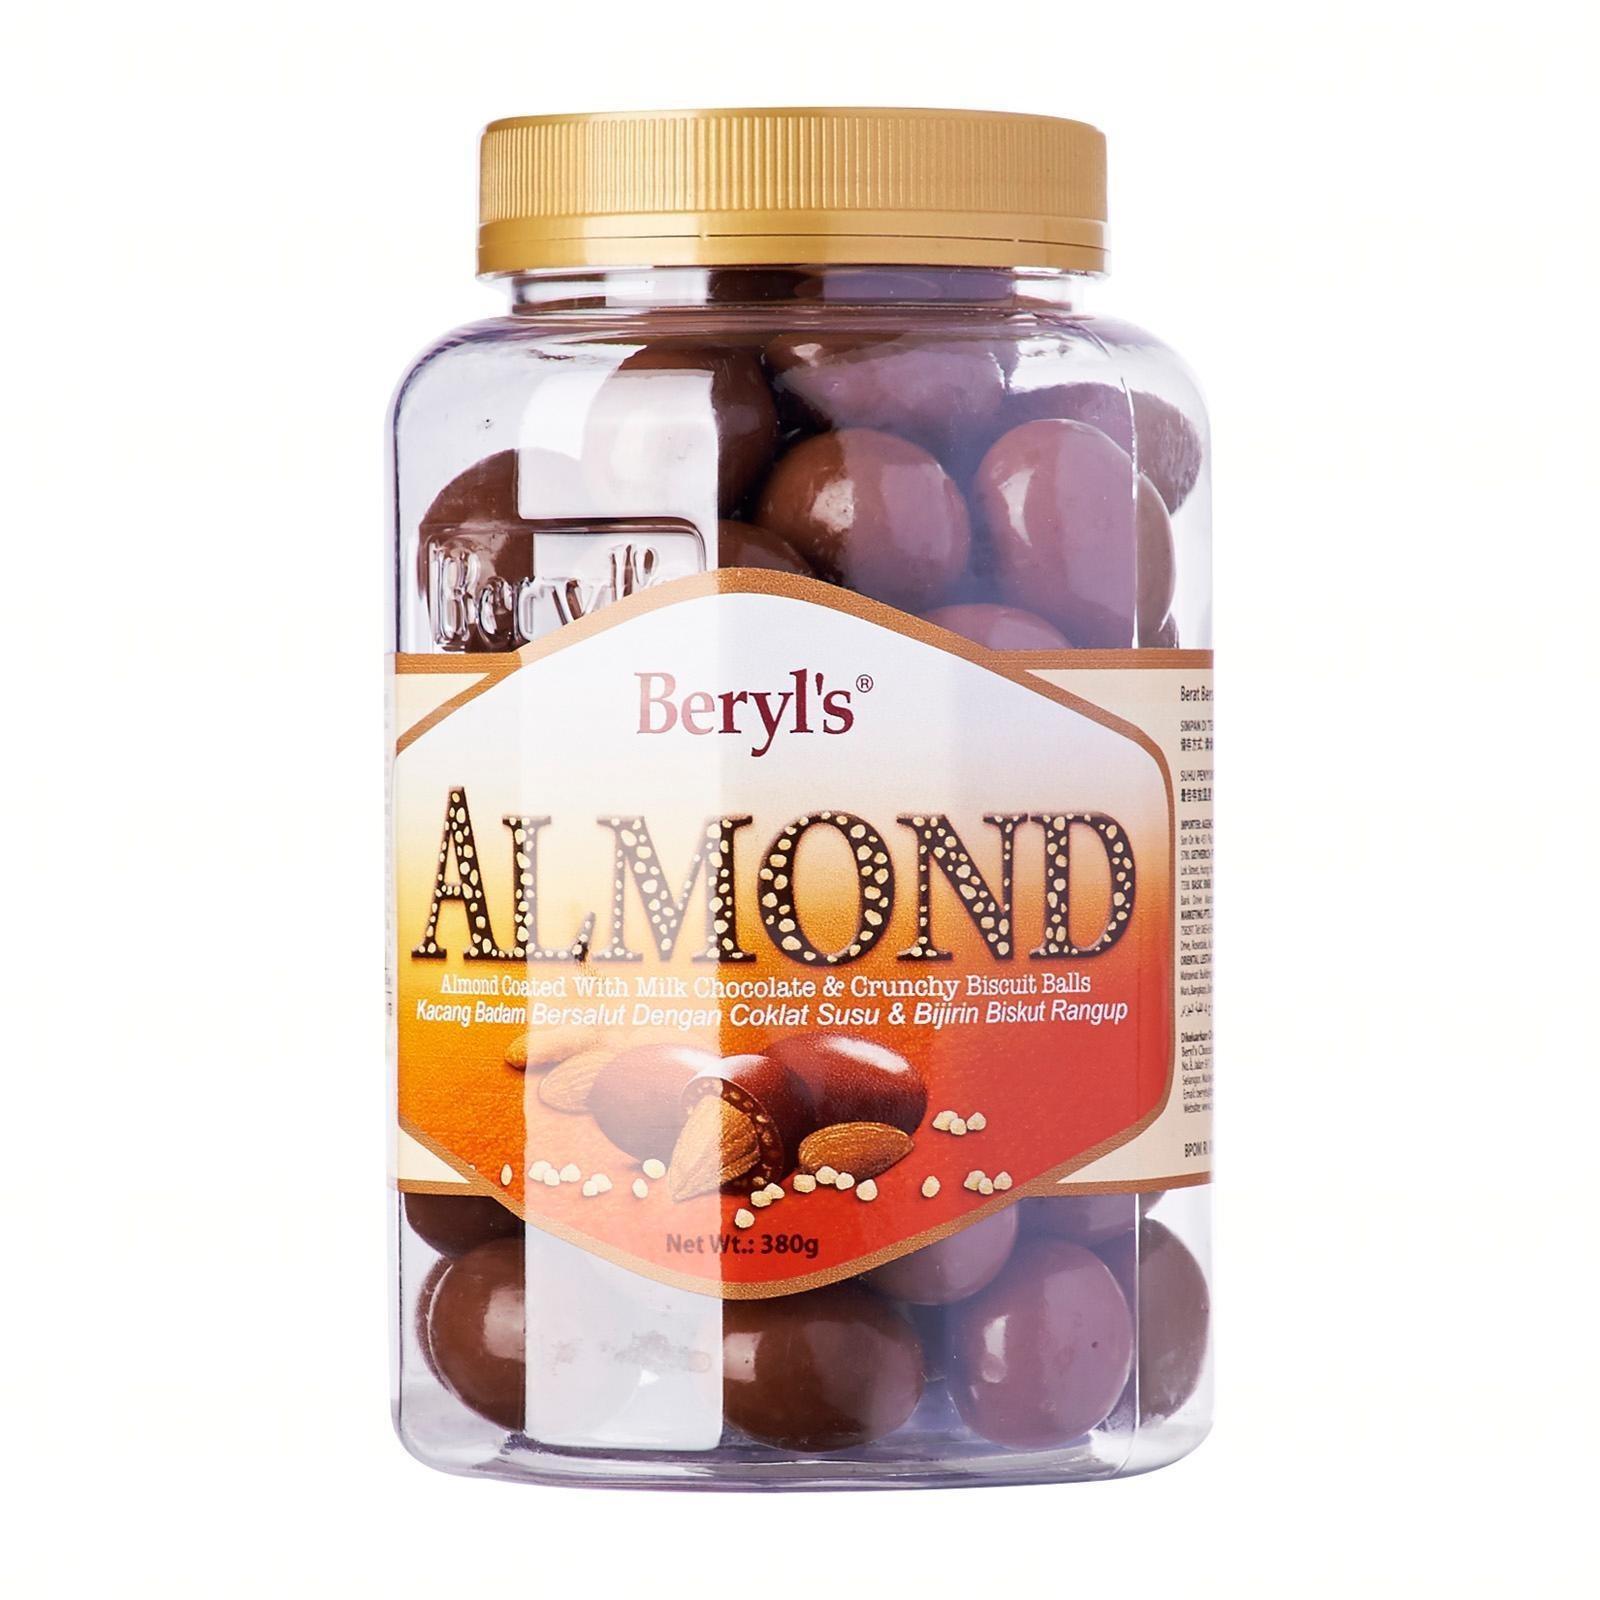 Beryl's Milk Chocolate Jar - Almond